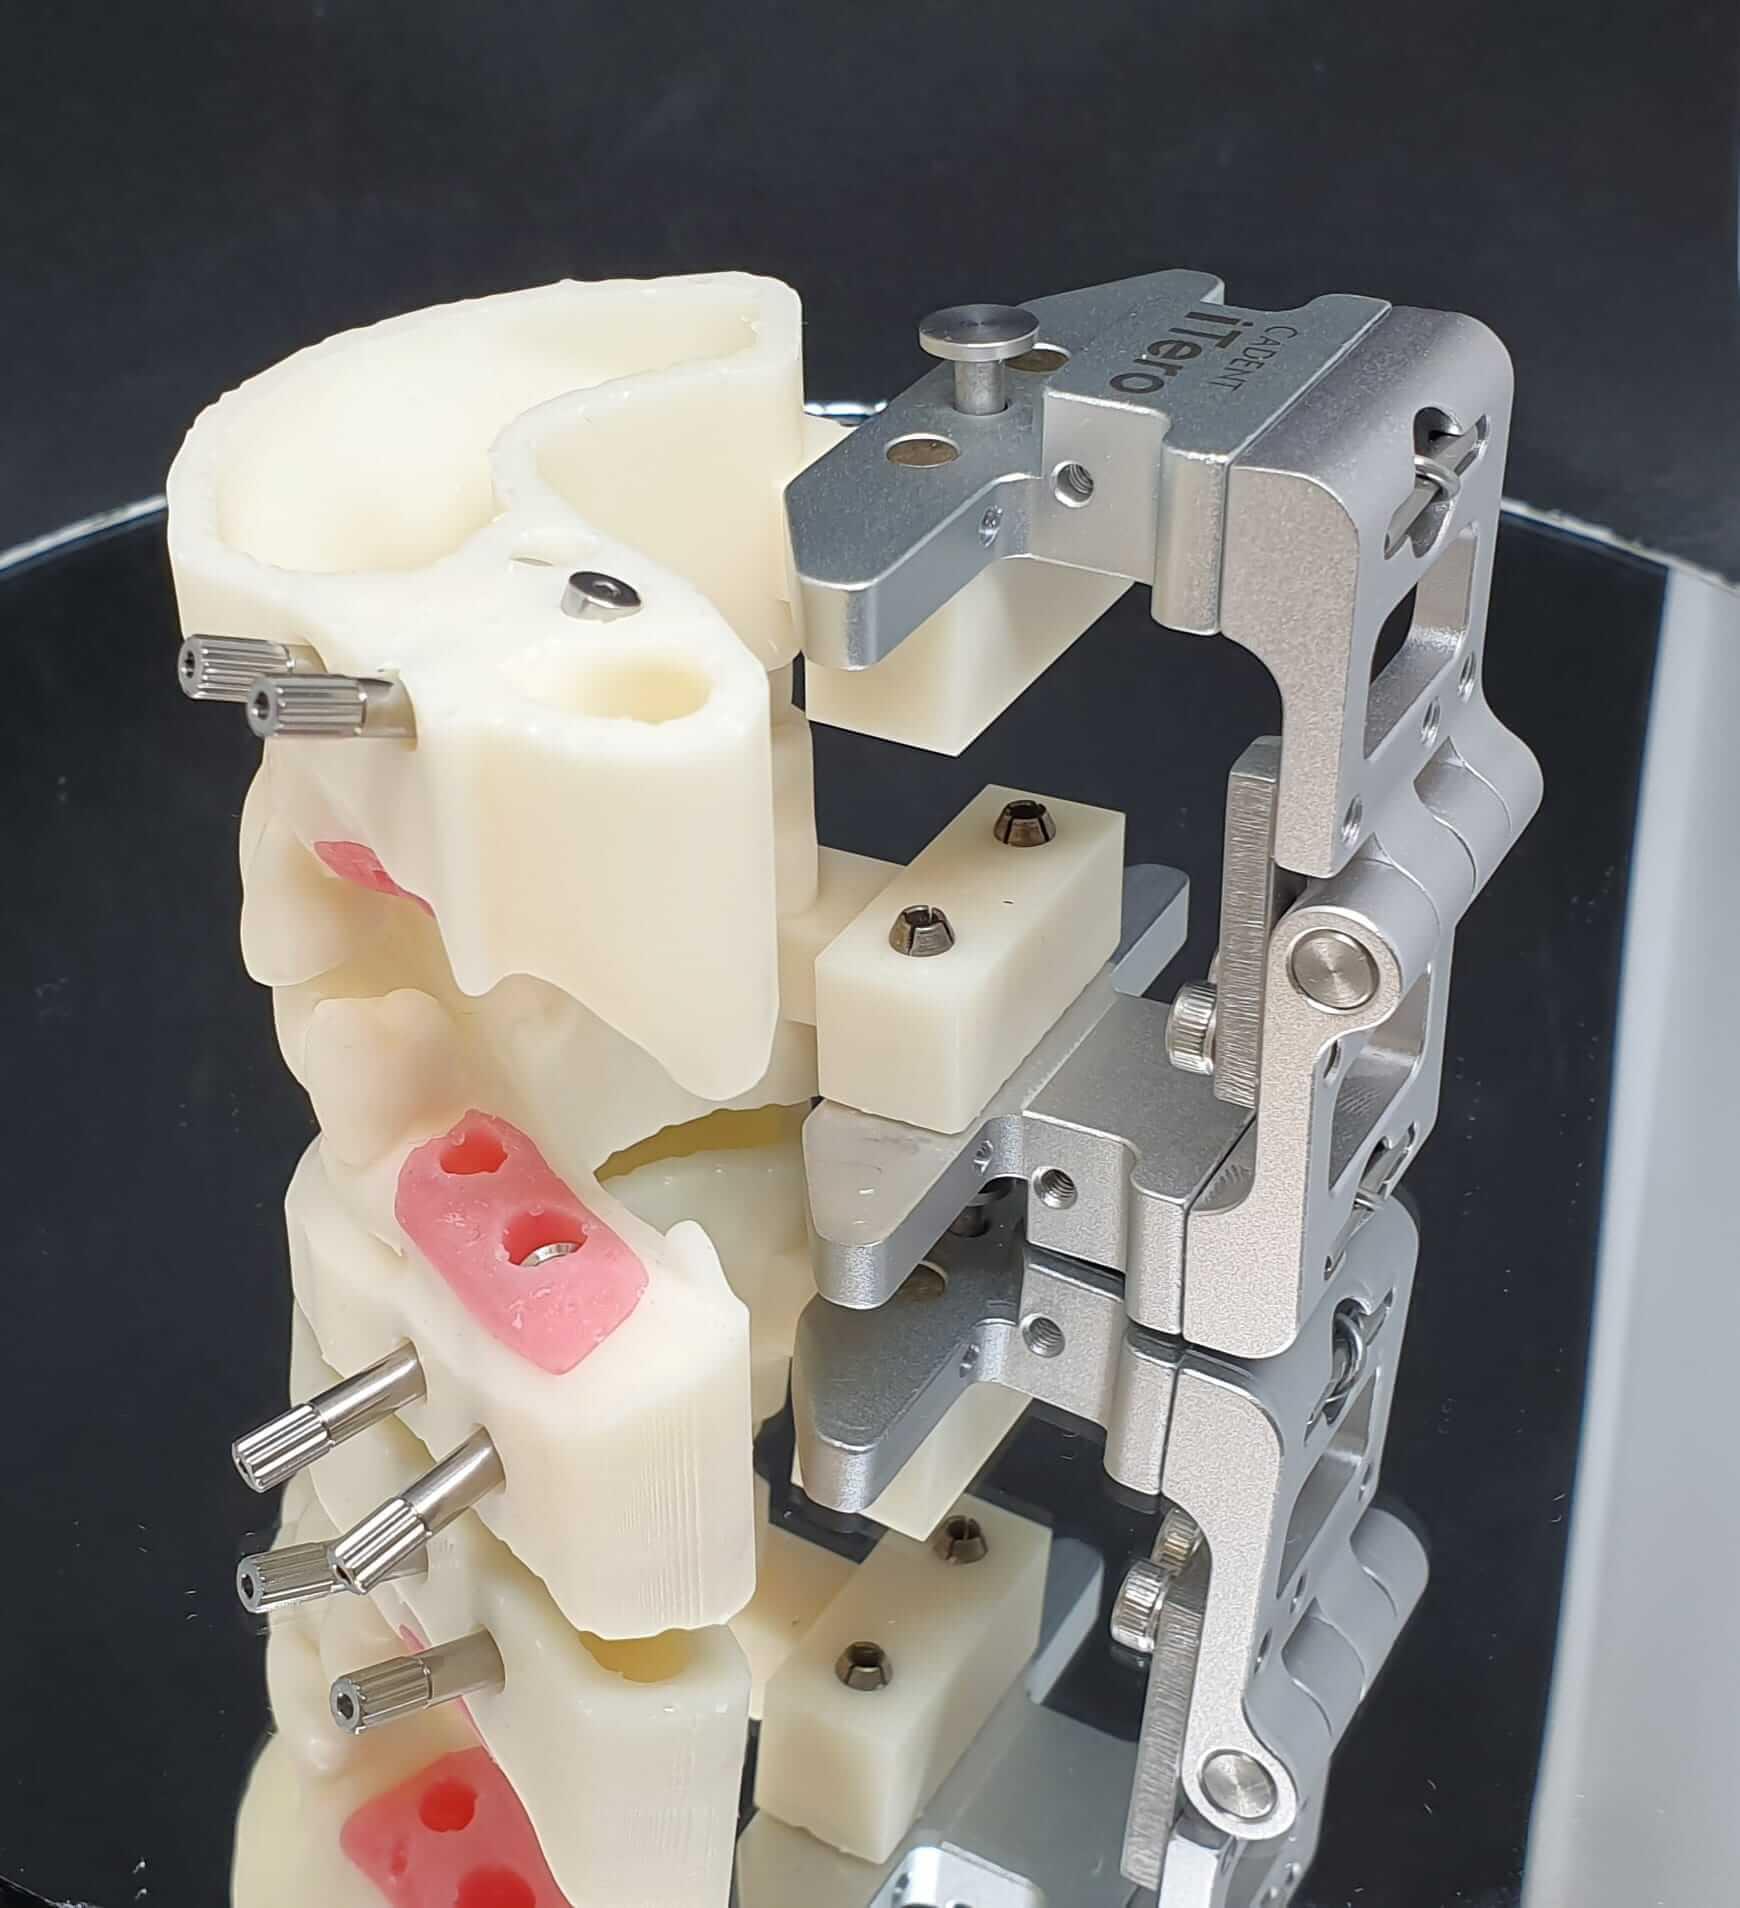 modelo 3d impreso nanodent